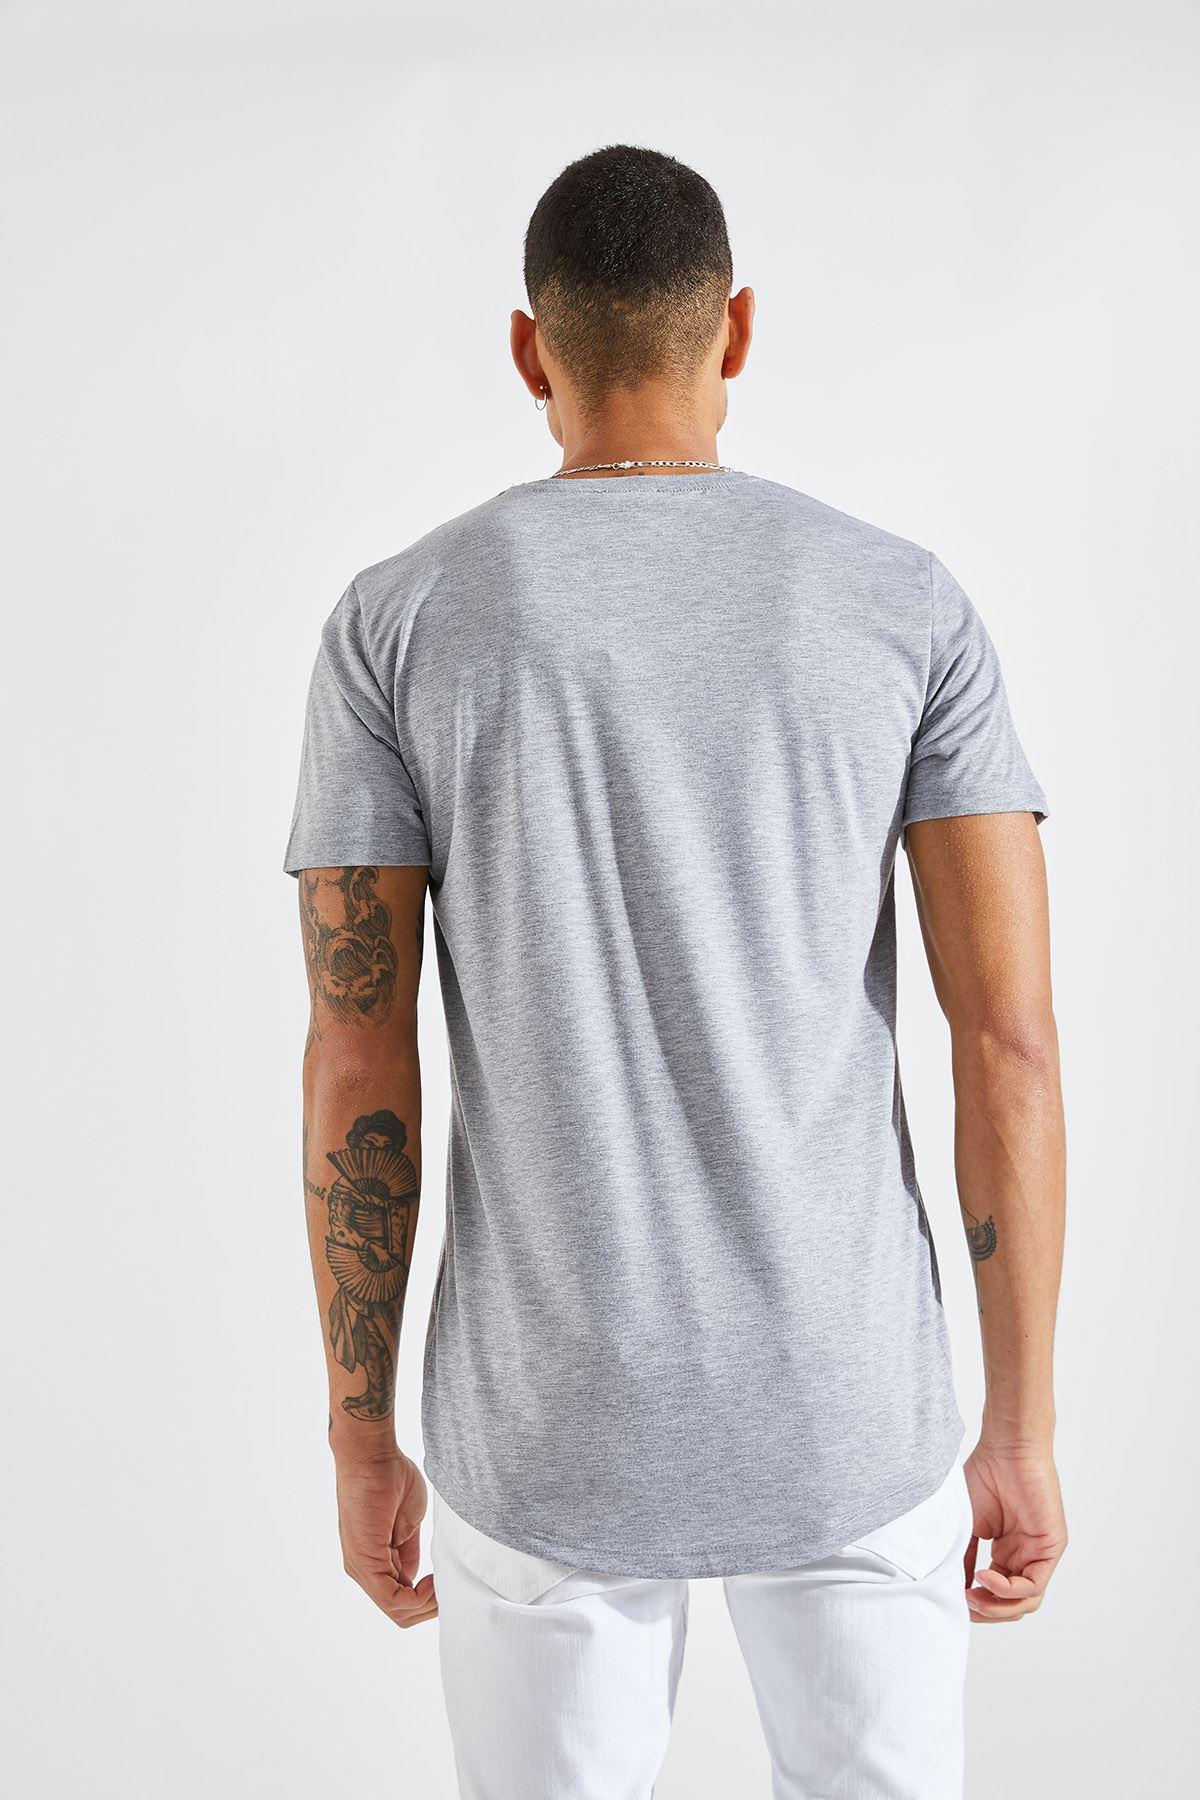 Erkek O Yaka Core Baskı Gri Tişört